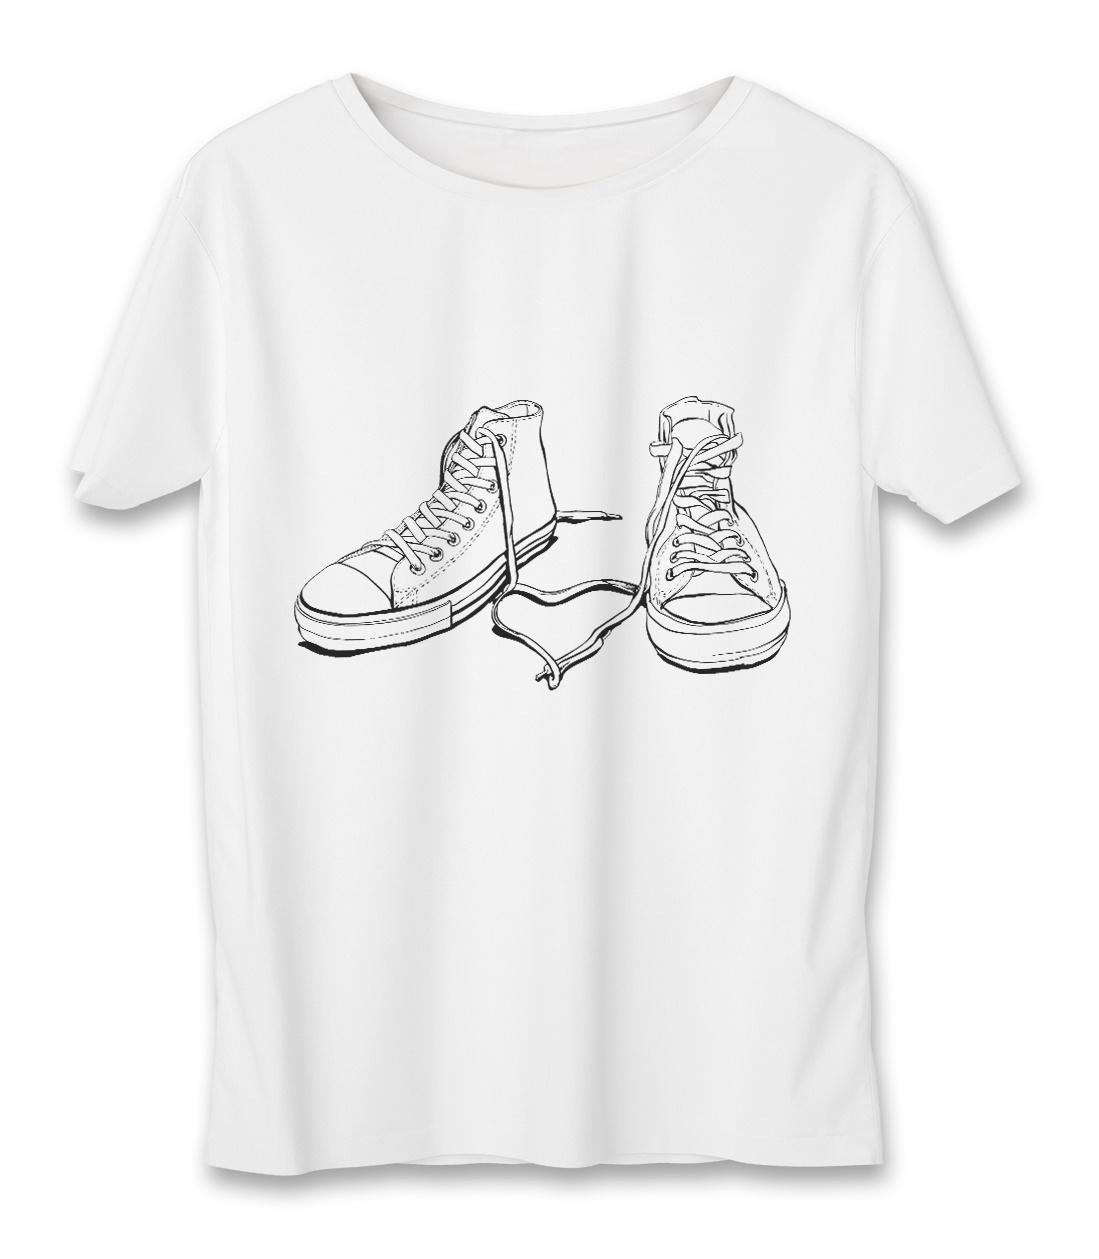 تصویر تی شرت مردانه به رسم طرح آل استار کد 3322